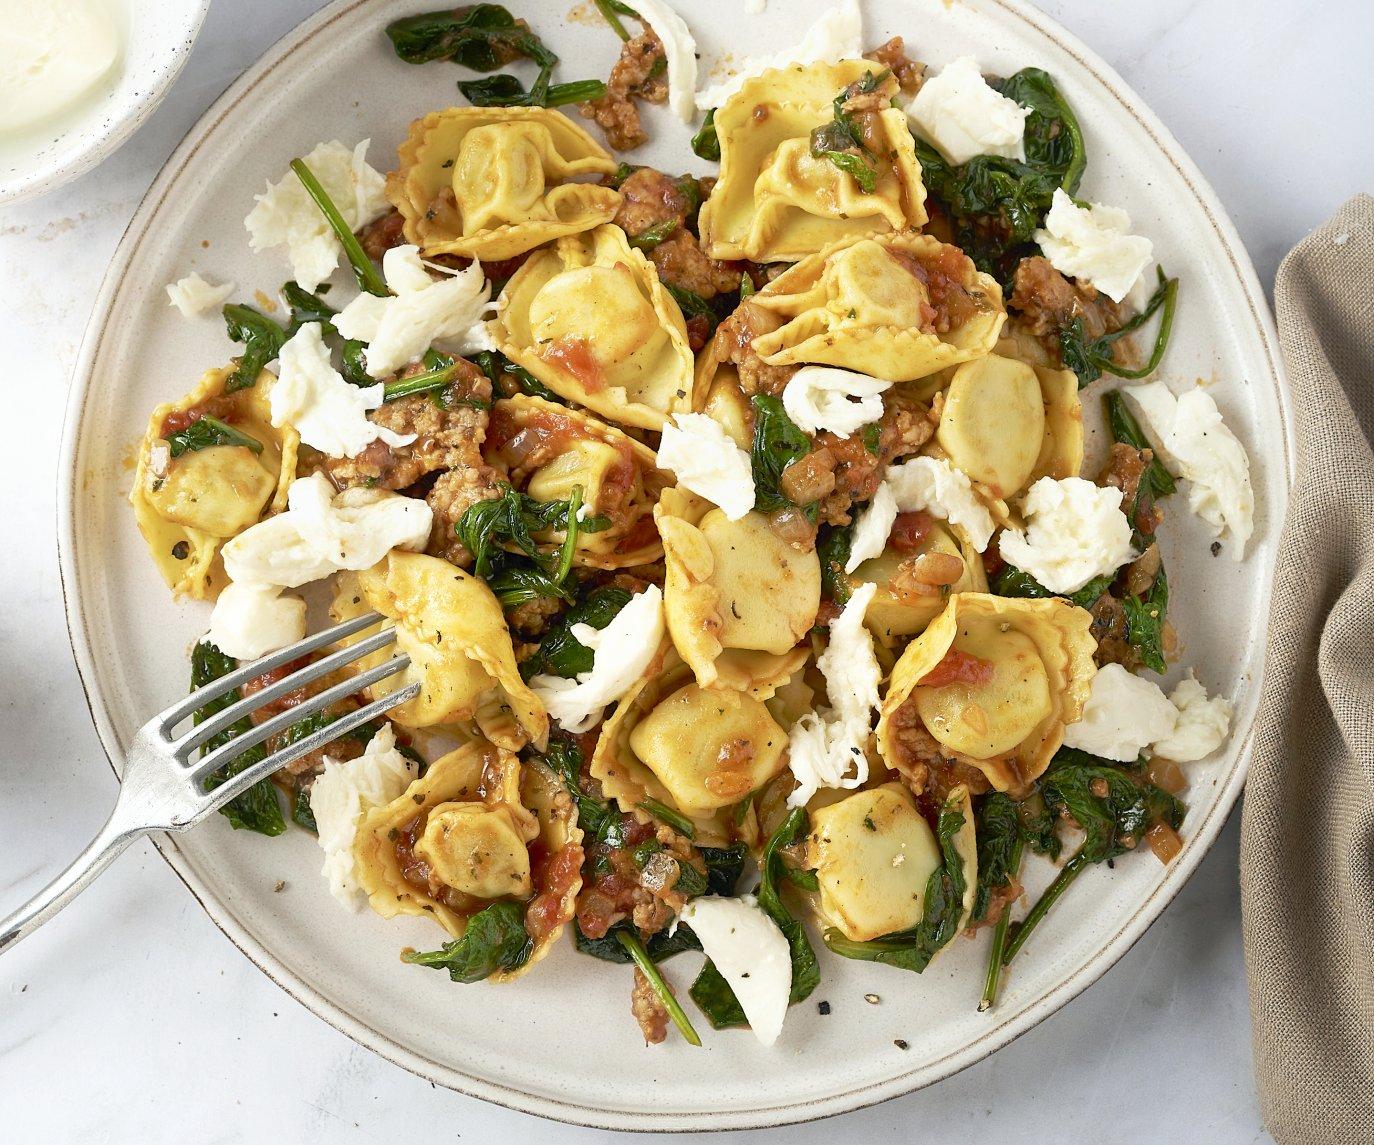 Tortellini met kippengehakt in tomatensaus met spinazie en mozzarella